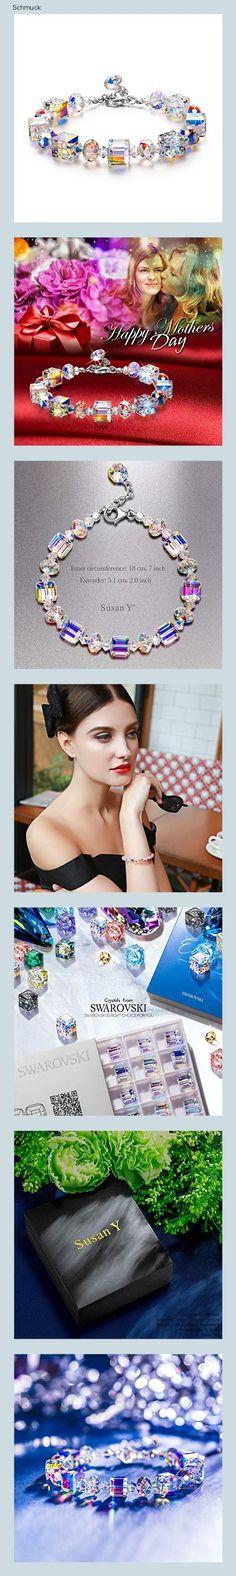 Susan Y Damen Armband Frauen schmuck Kristalle von Swarovski Geschenke für Frauen Mama Damen Freundin Tochter Valentinstag Jahrestag - 14h7